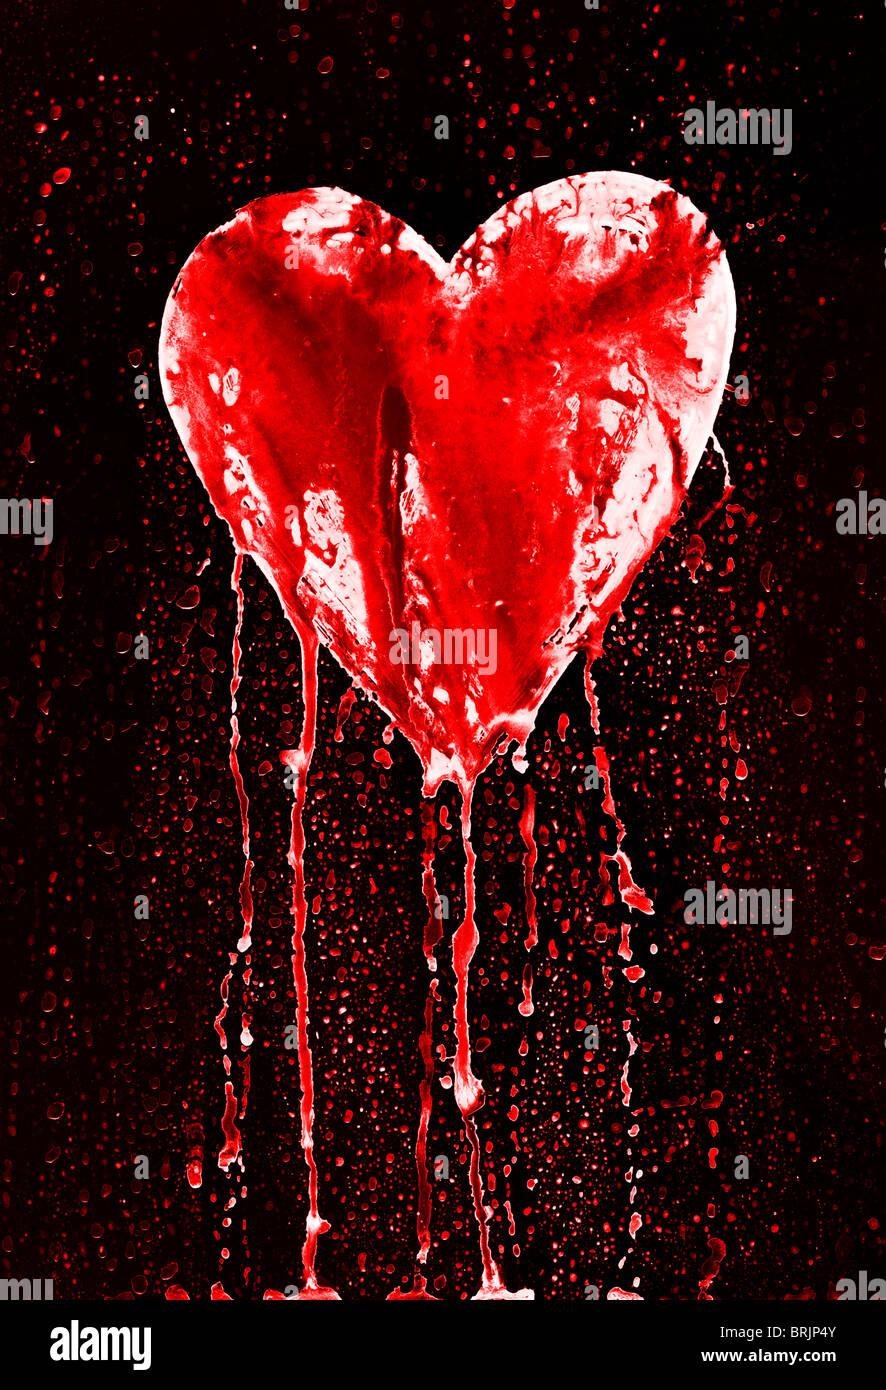 Bleeding and broken heart symbol of love in grunge style stock bleeding and broken heart symbol of love in grunge style buycottarizona